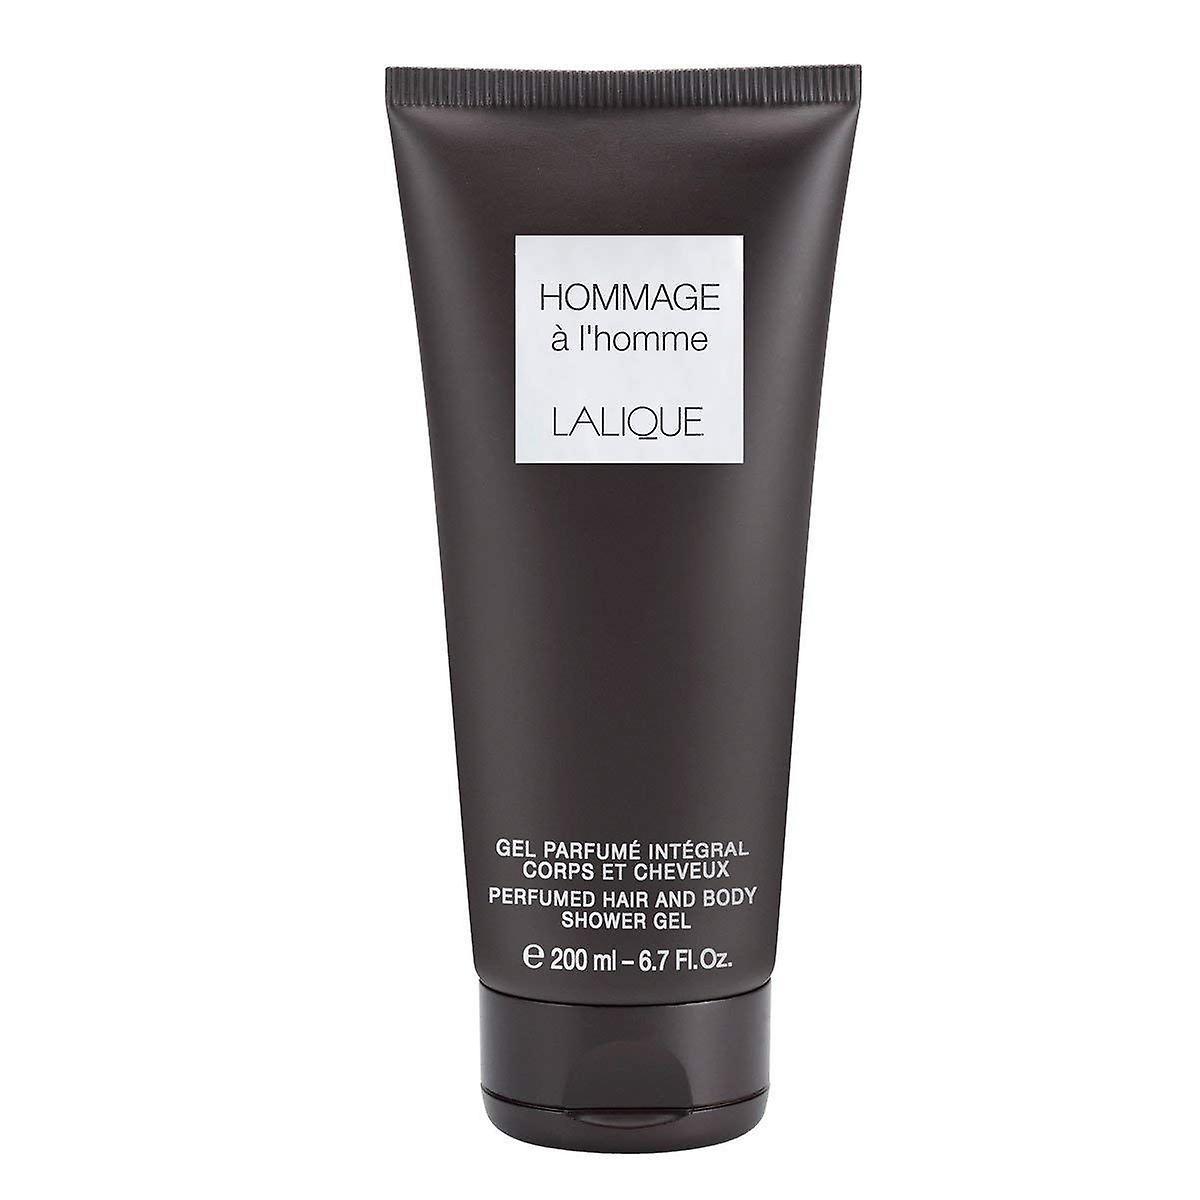 Lalique Hommage en L'Homme parfymerte hår & kroppen dusj Gel 200ml